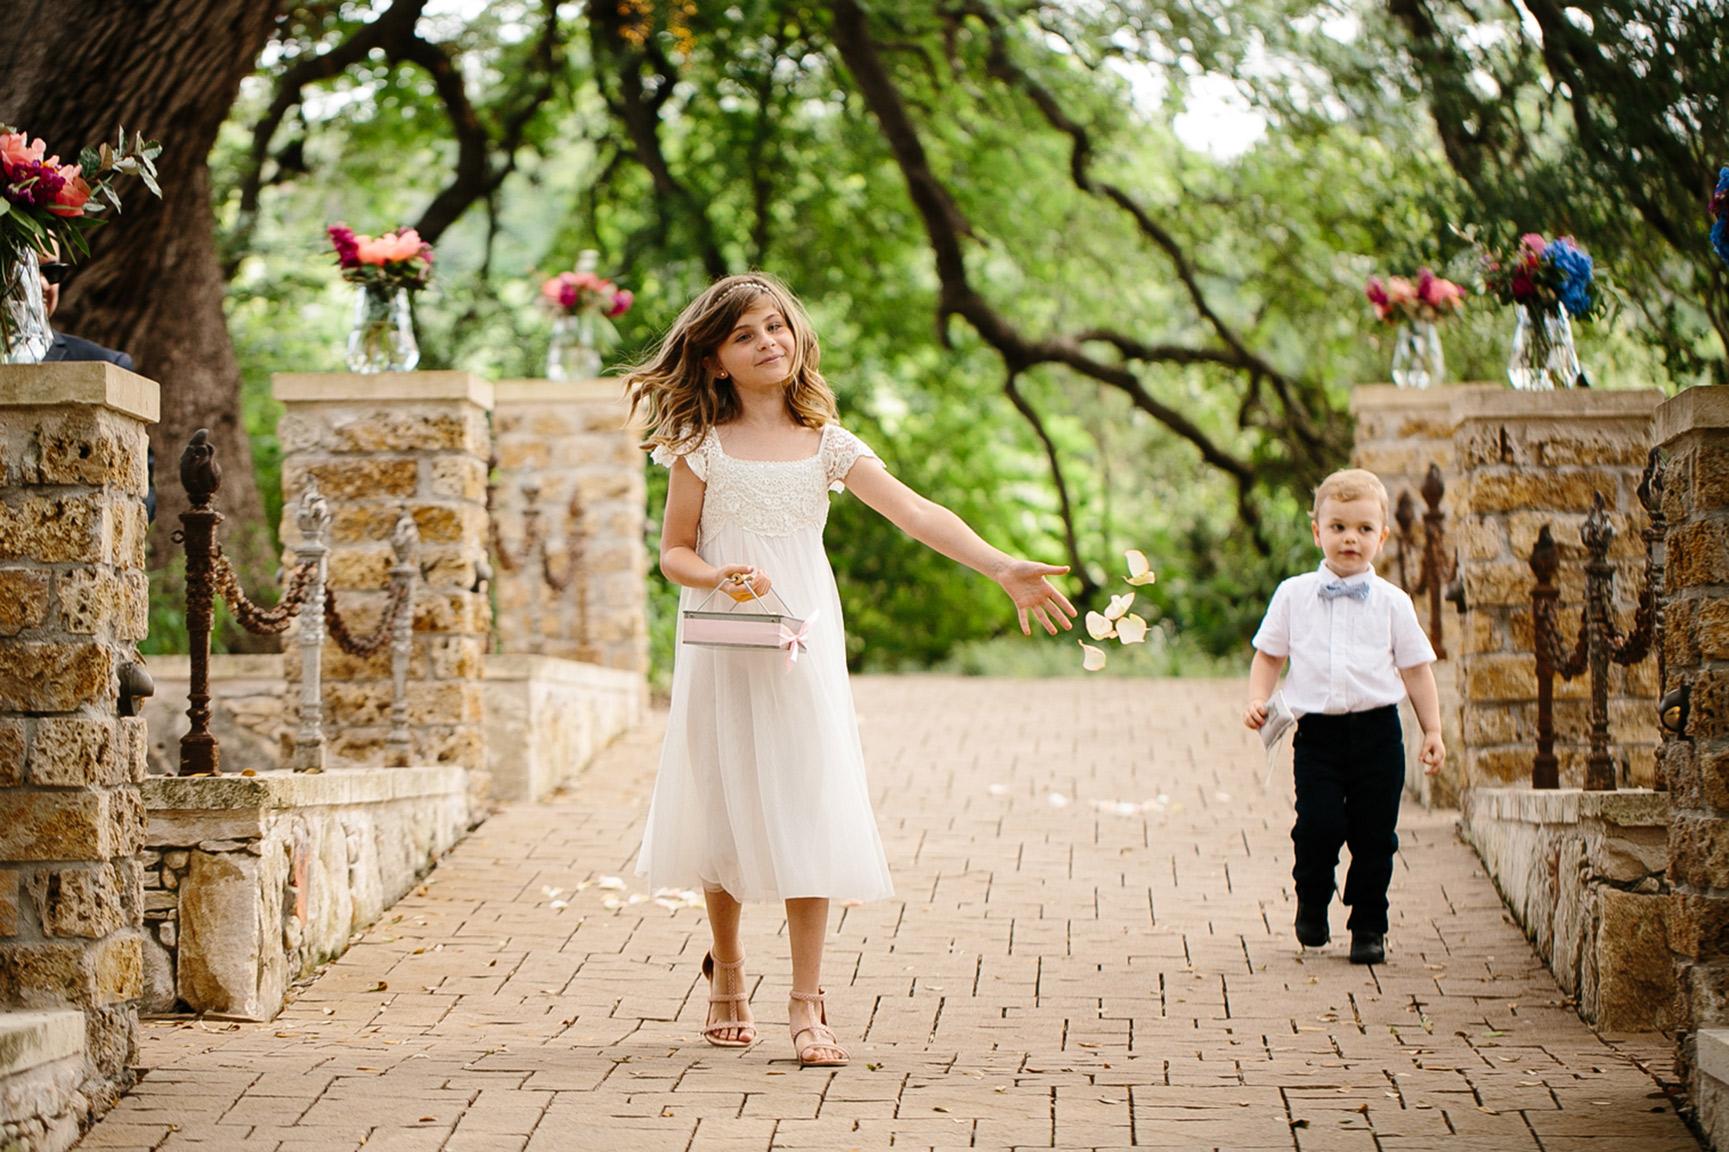 Austin_WeddingPhotographerWARRWEDDING017.jpg